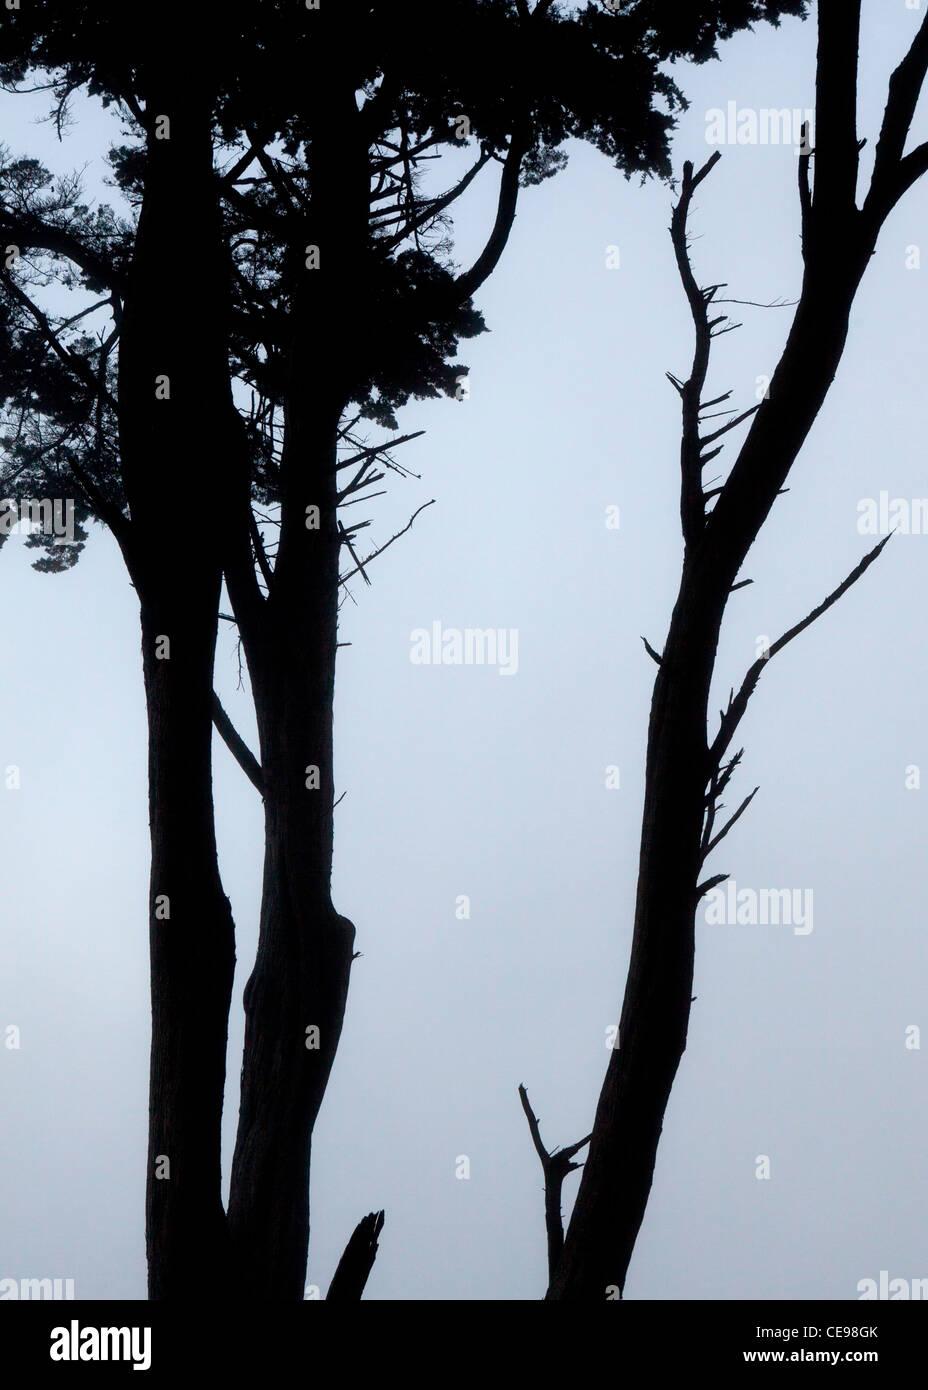 Silhouette of Eucalyptus tree Stock Photo